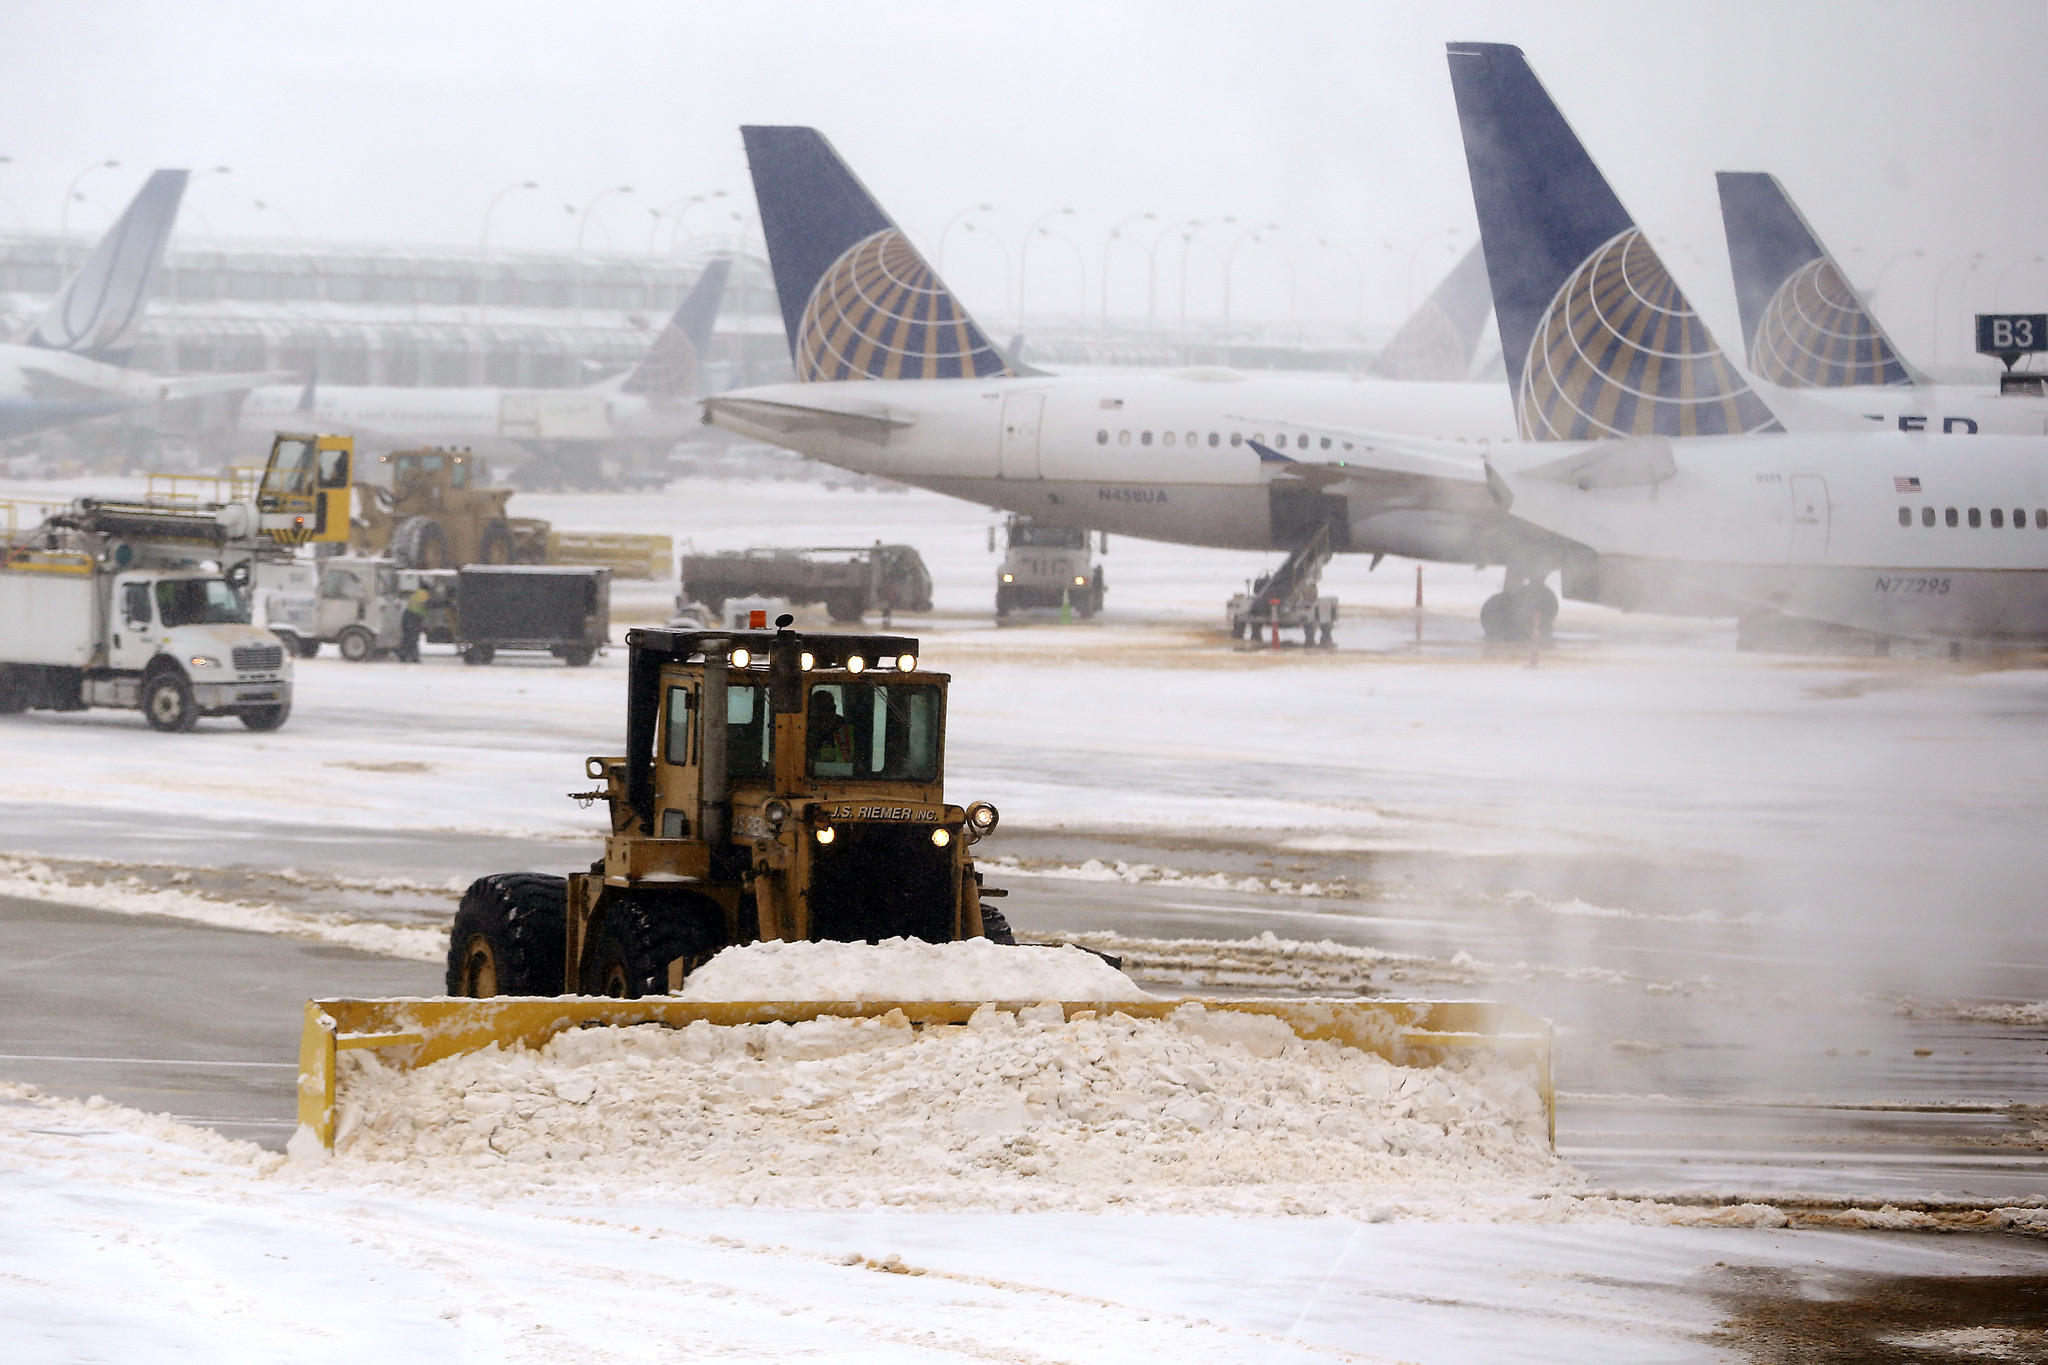 Atak zimy powodem odwołania ponad tysiąca lotów z chicagowskich lotnisk